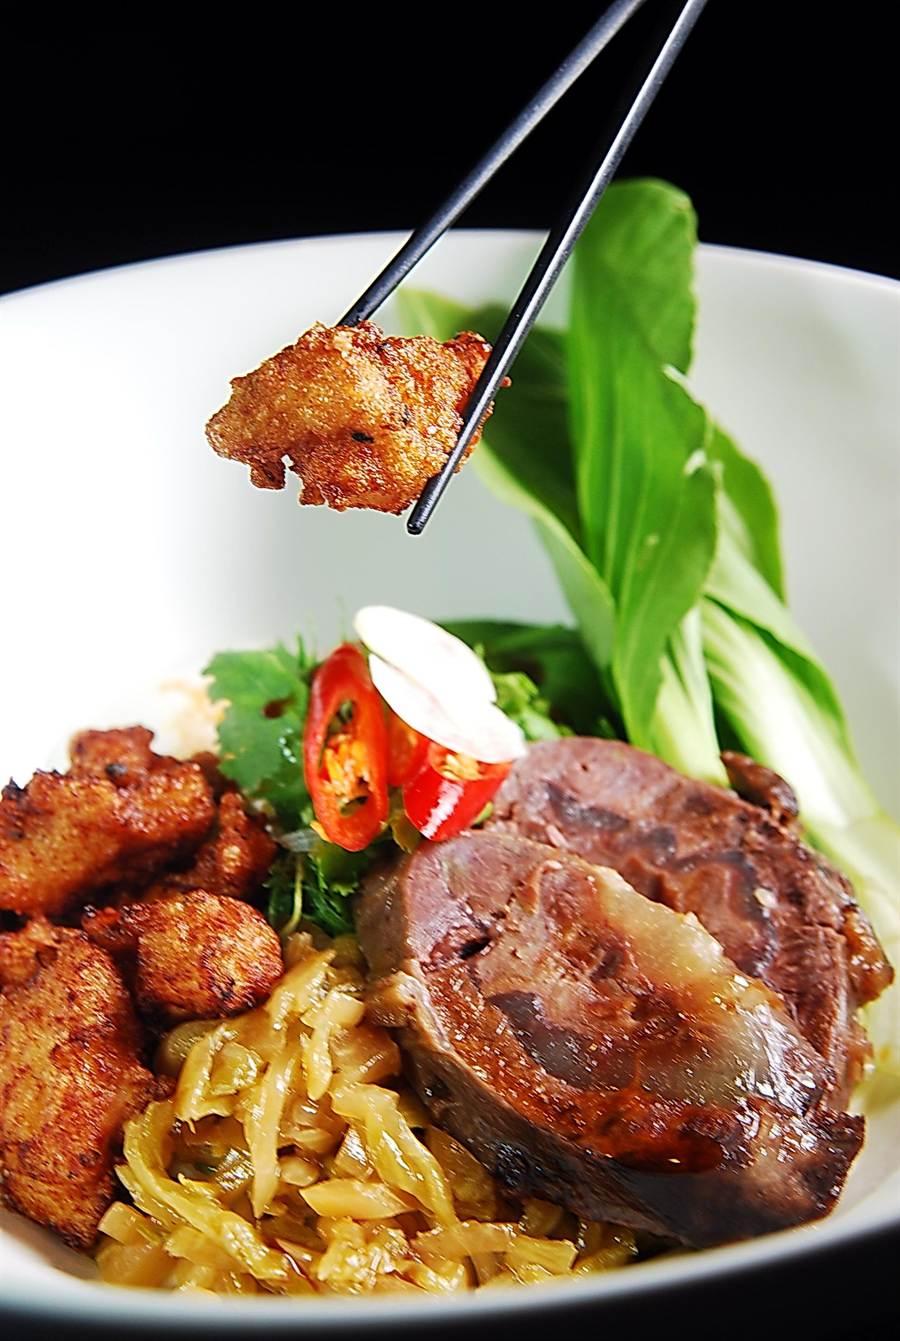 名列「華府10大必嚐美味」的「咖哩炸雞牛肉麵」中的炸雞,是主廚Erik楊鎮宇根據台灣鹽酥雞作法改良而來。(圖/姚舜攝)